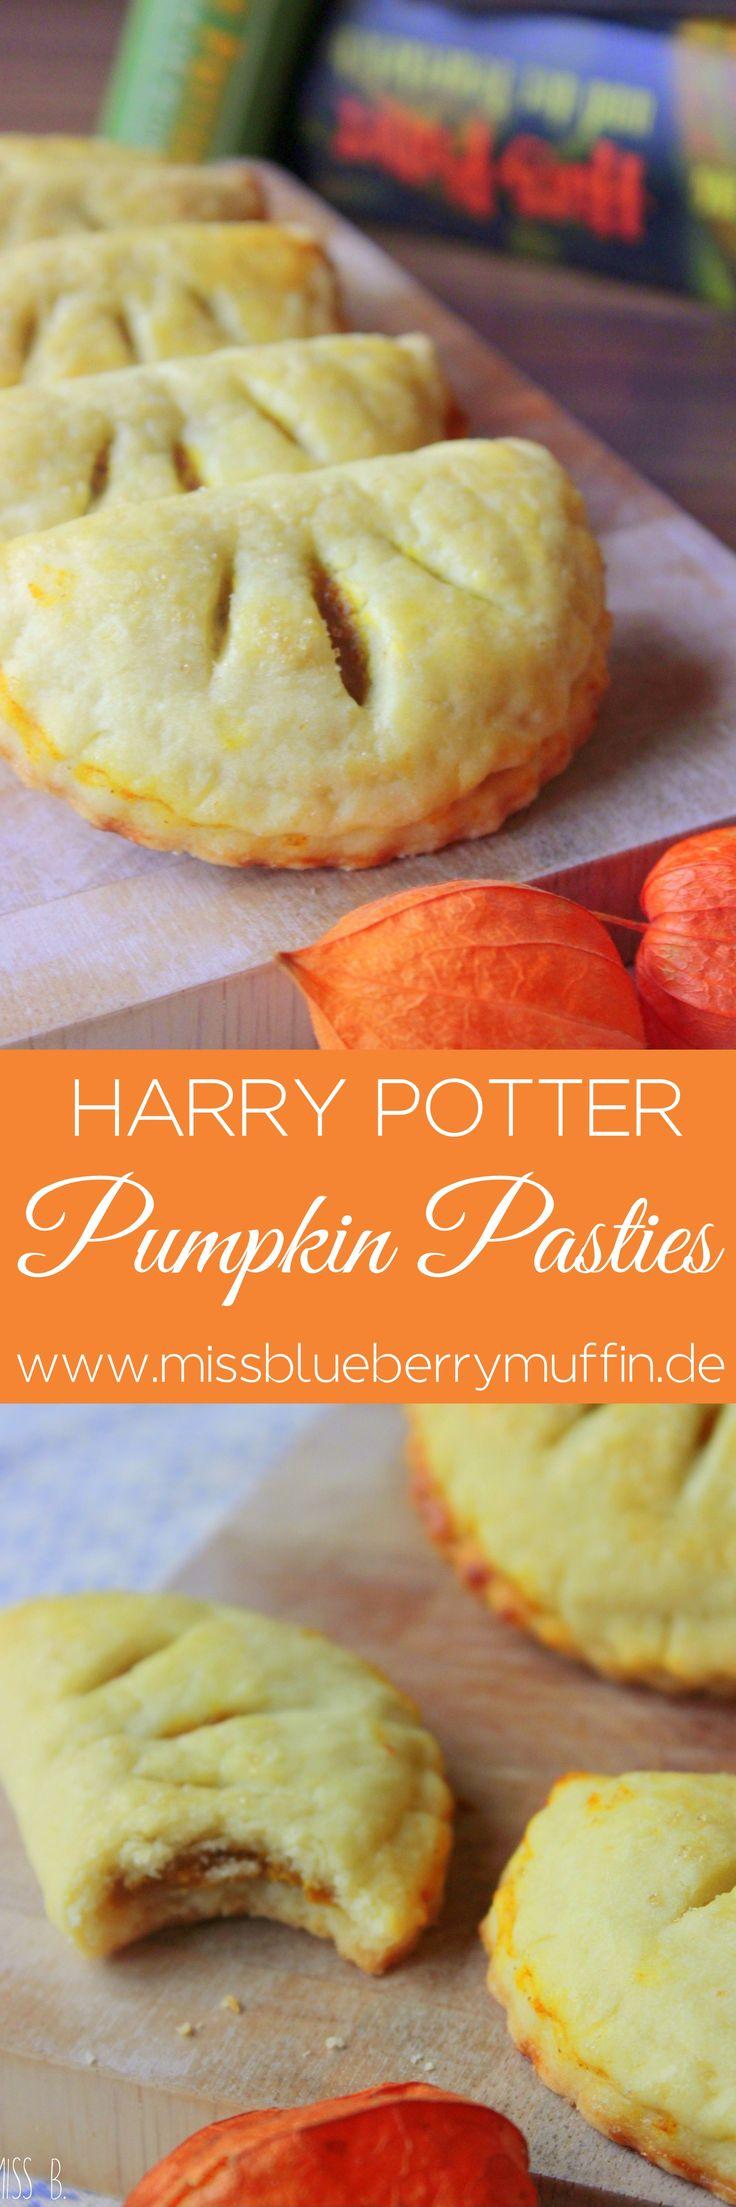 Magische Kürbispasteten aus der großen Halle // Pumpkin Pasties // Harry Potter // Hand pies <3